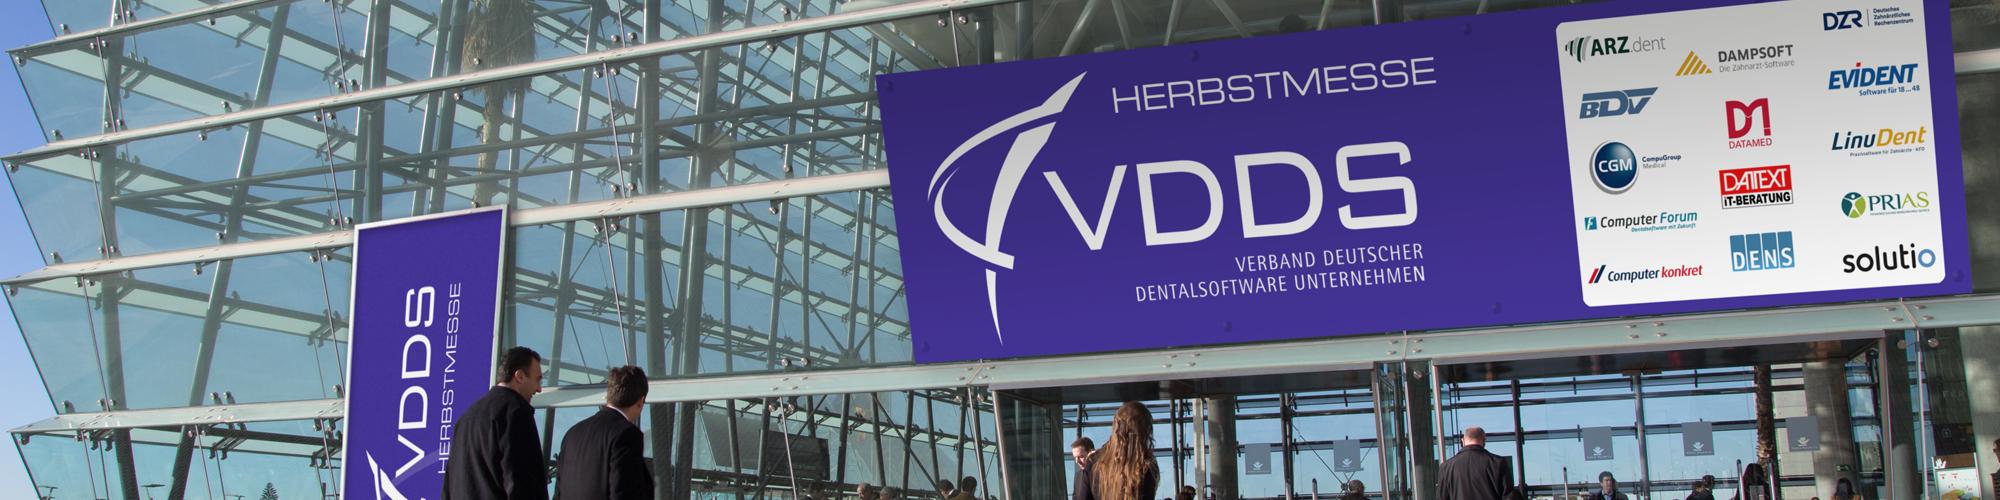 VDDS Herbstmesse 2021 - Verband Deutscher Dental-Software Unternehmen